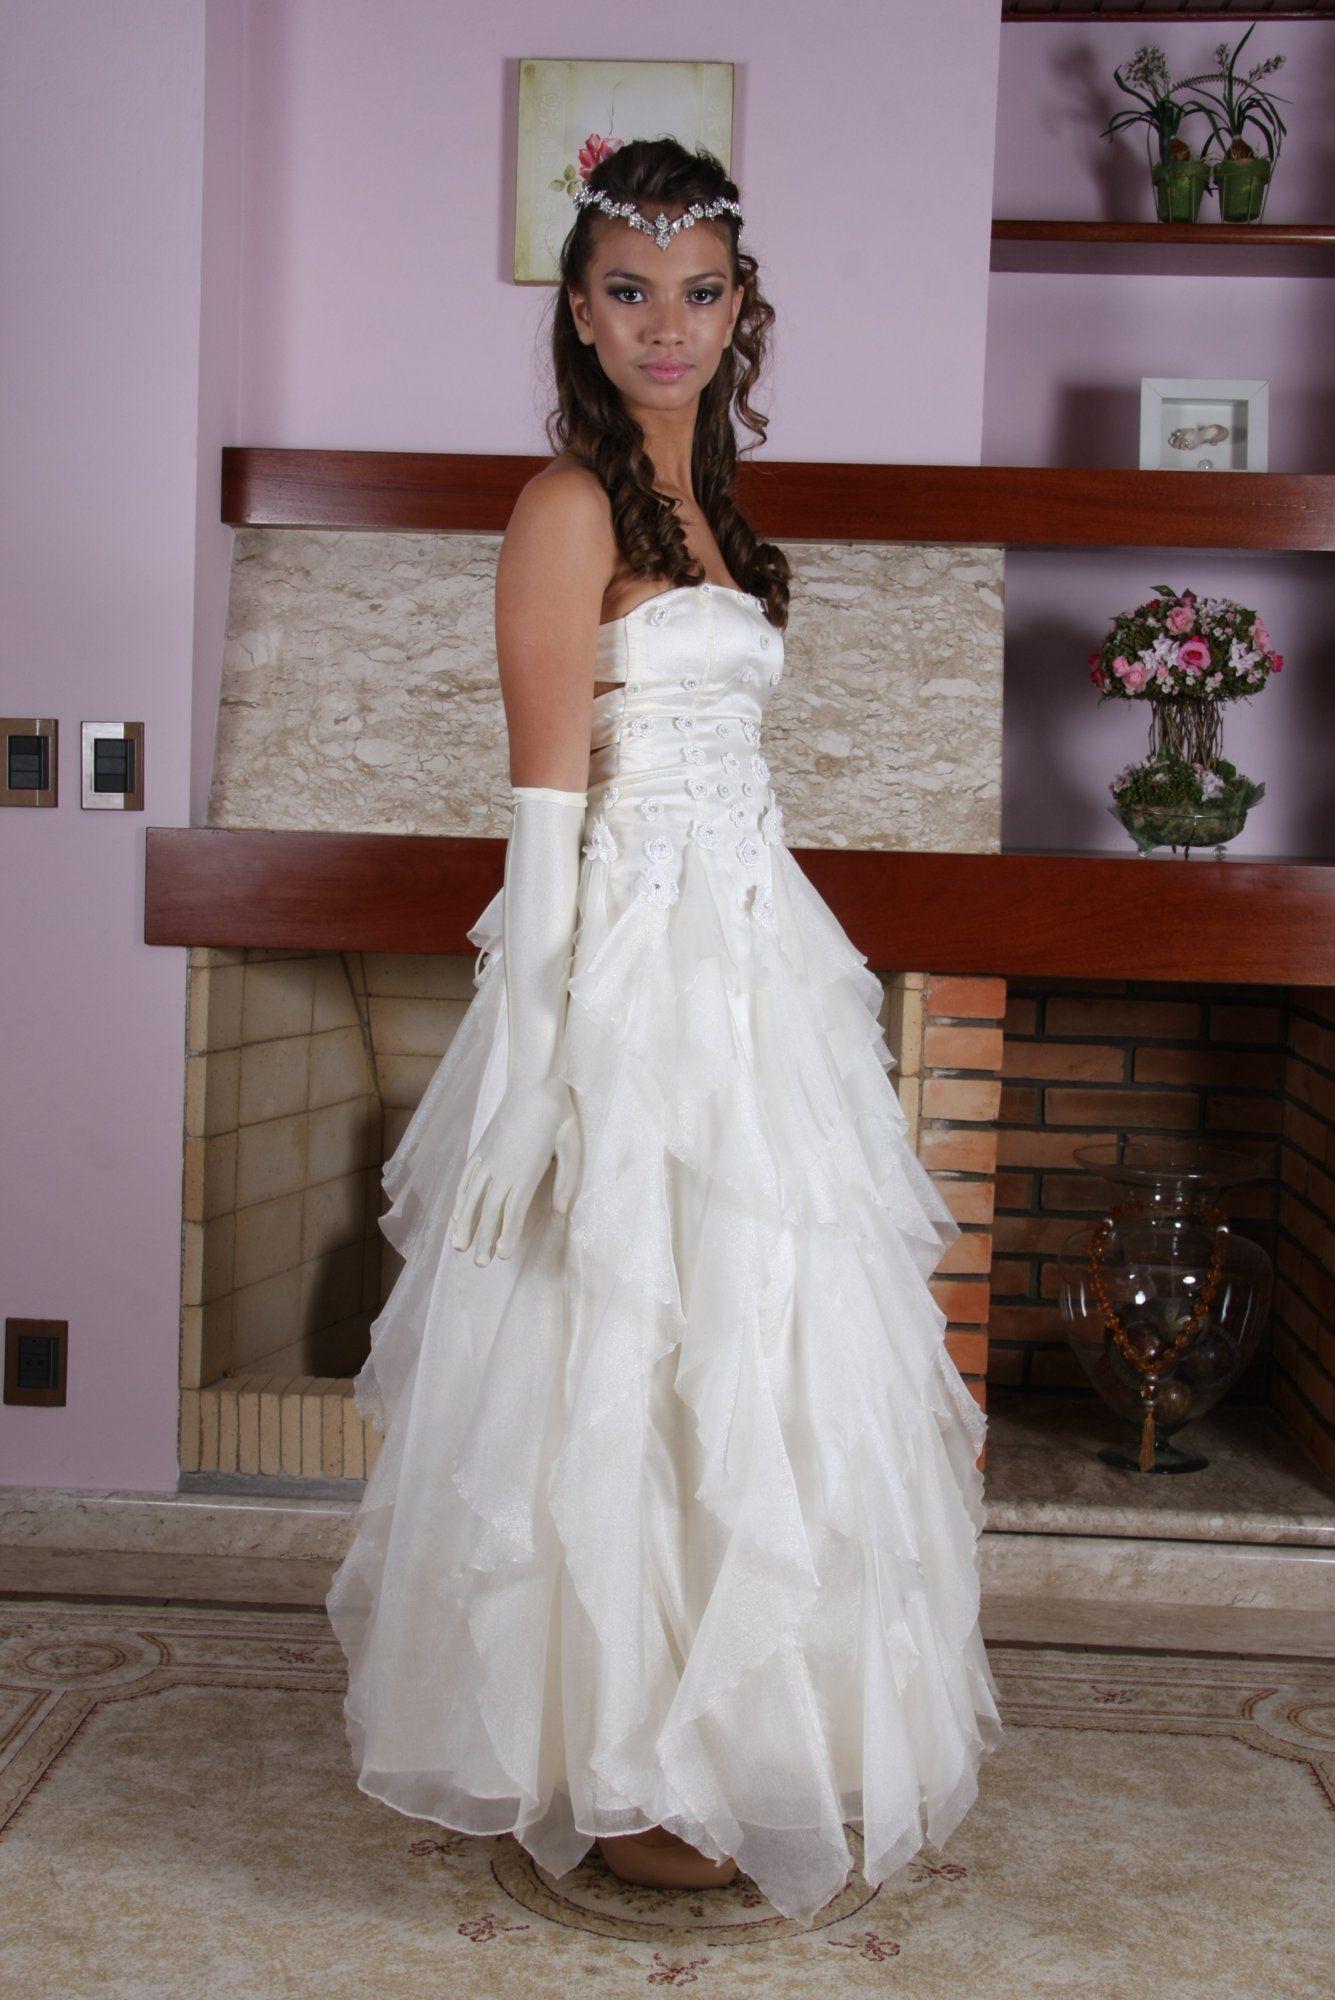 Vestido de Debutante Marfim e Ouro - 5 - Hipnose Alta Costura e Spa para Noivas e Noivos - Campinas - SP Vestido de Debutante, Vestido de Debutante Marfim e Ouro, Hipnose Alta Costura